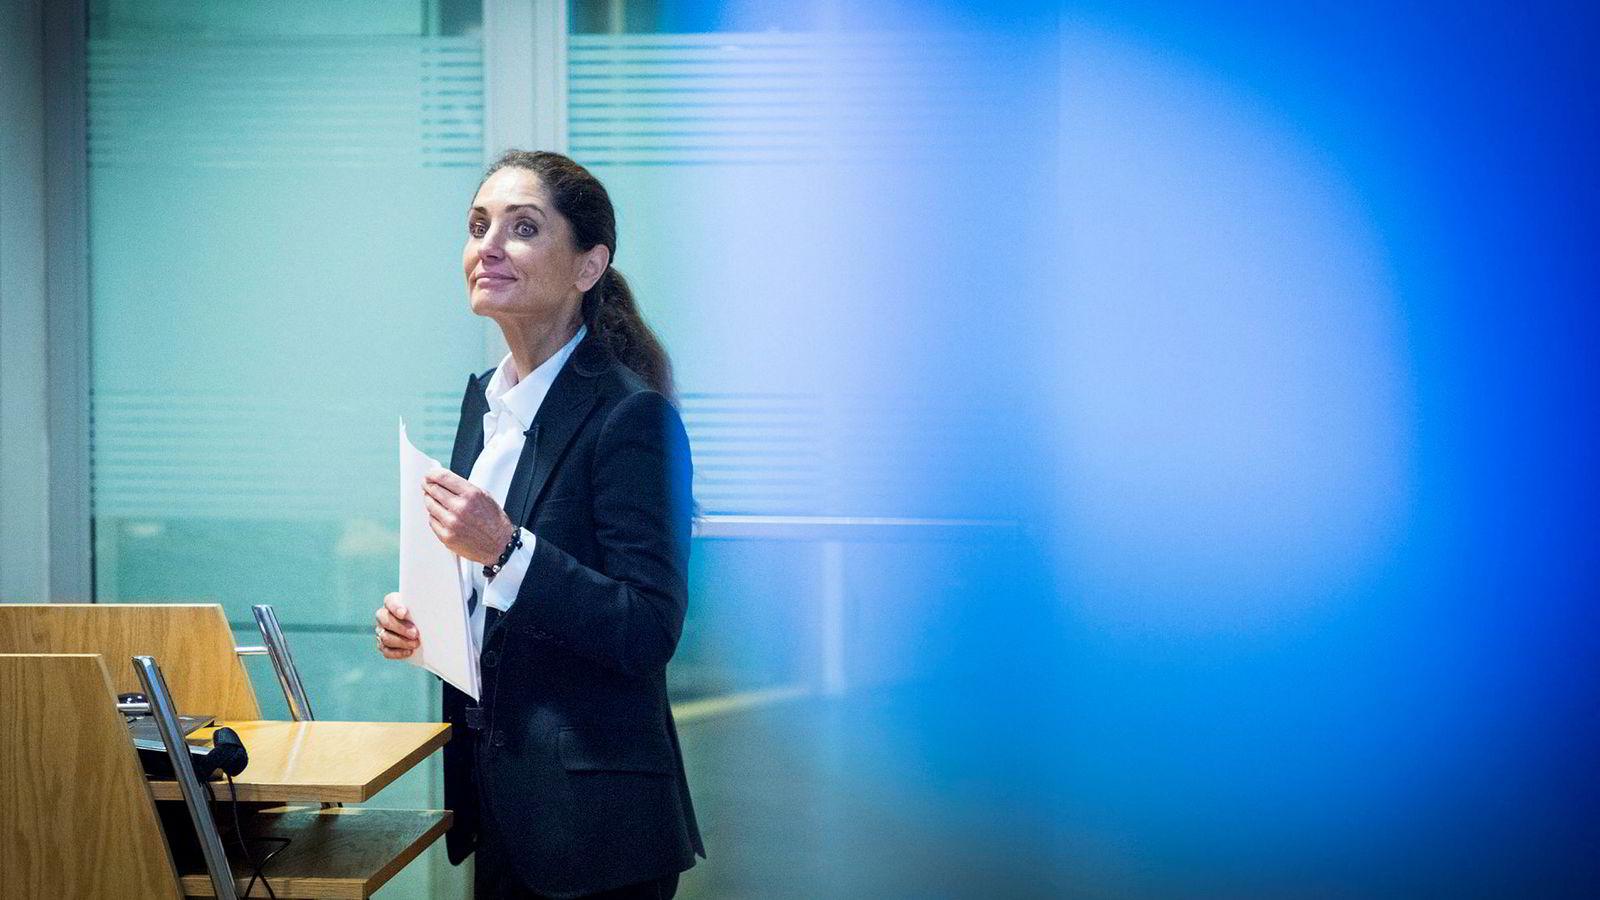 – De nye avtalene sikrer at Nofi får full kontroll og regi på ekspansjonen i Europa, sier administrerende direktør Tine Wollebekk i Norwegian Finans Holding (Nofi)